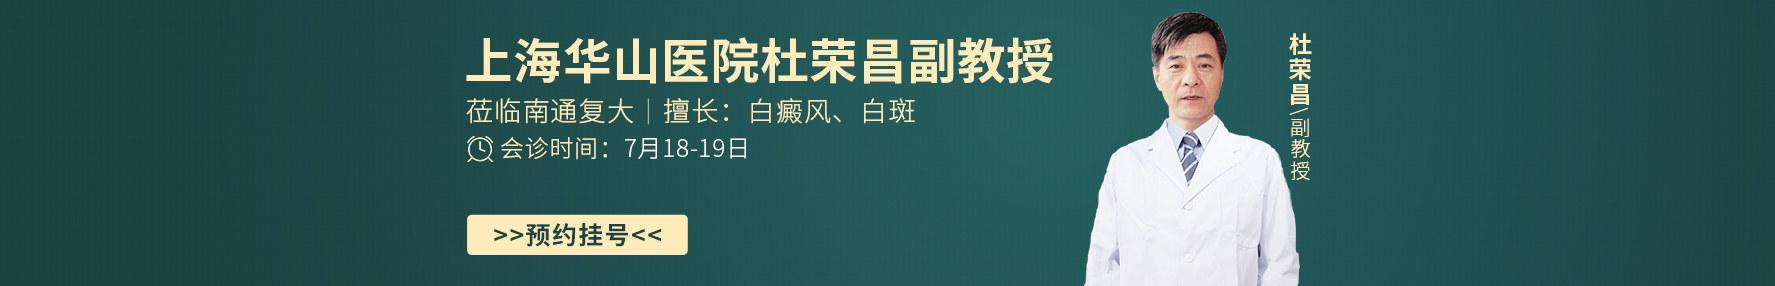 南通白癜风在线视频偷国产精品